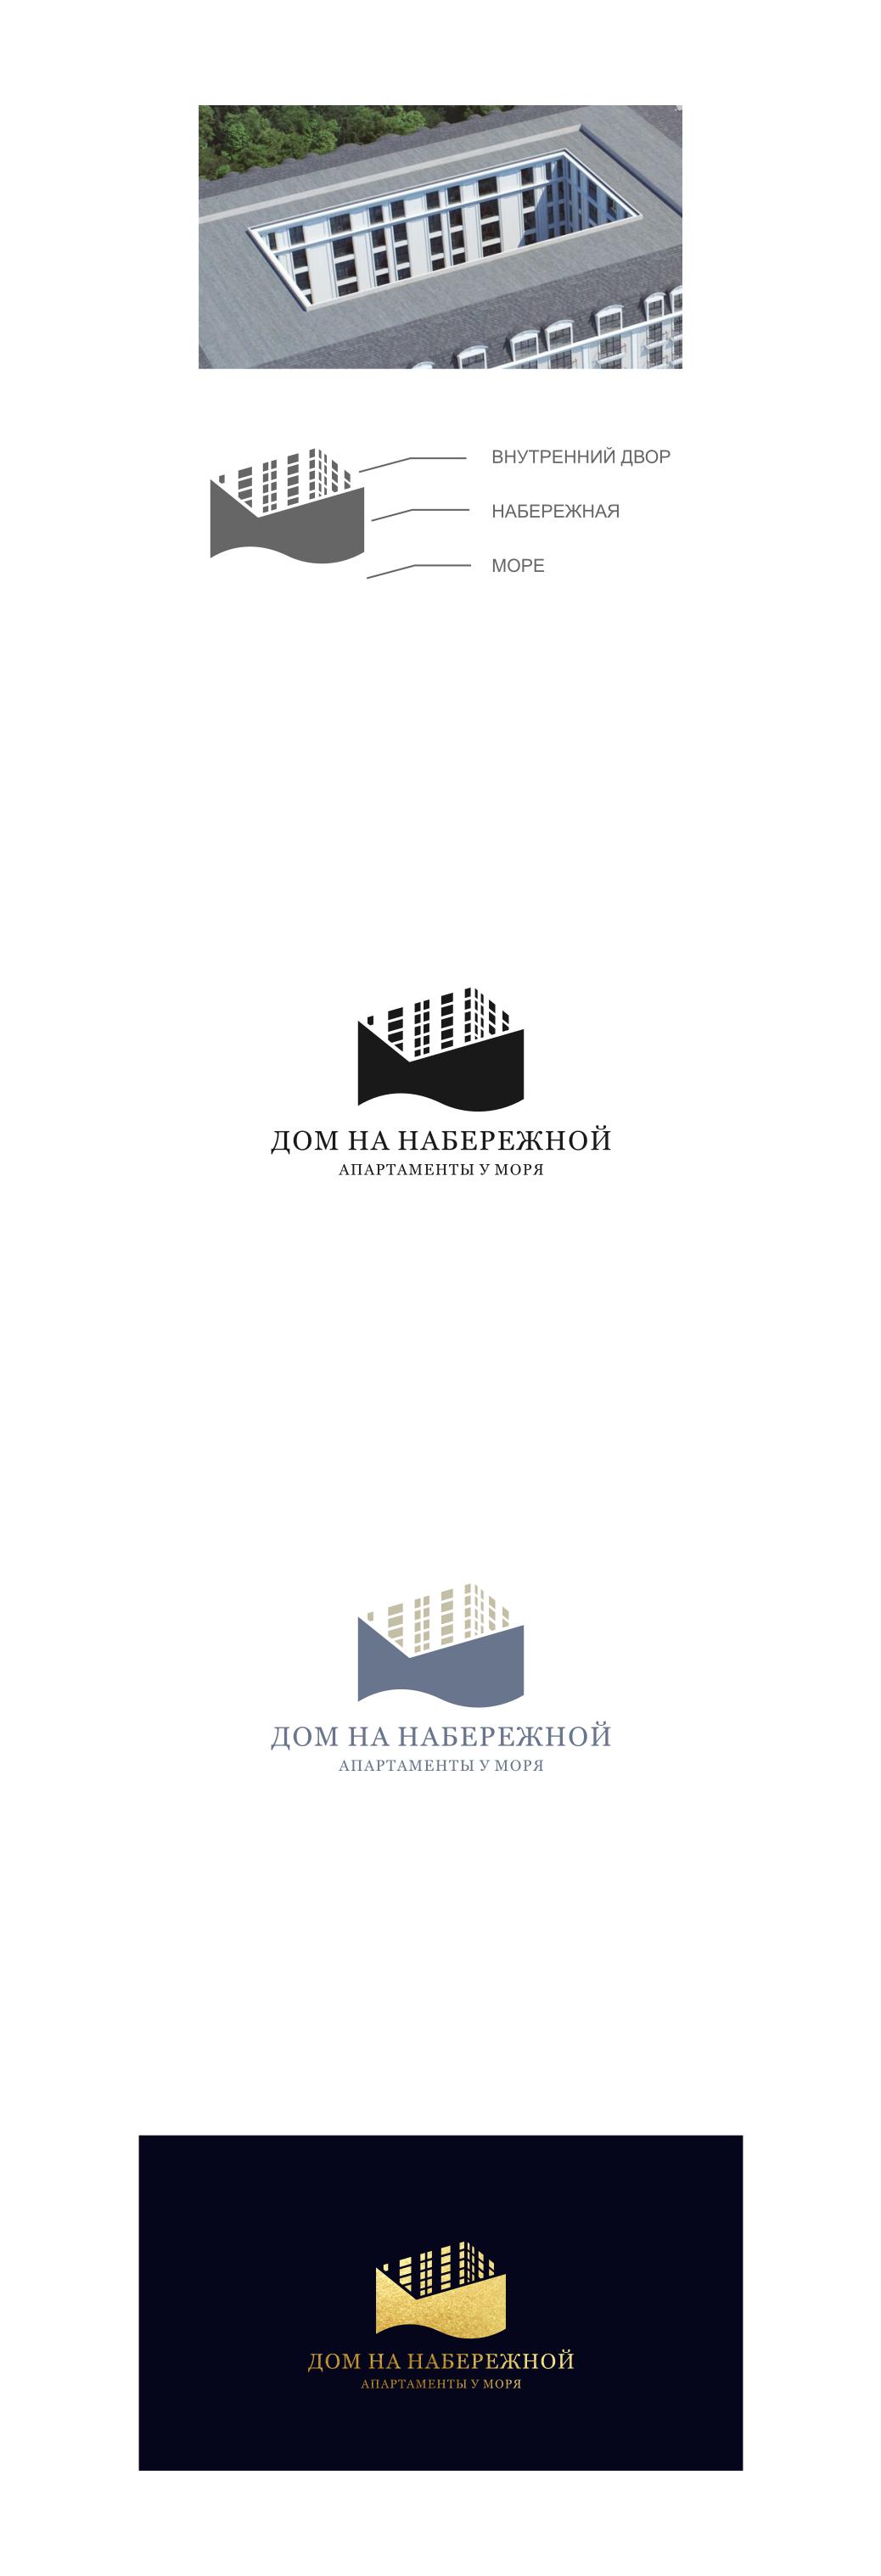 РАЗРАБОТКА логотипа для ЖИЛОГО КОМПЛЕКСА премиум В АНАПЕ.  фото f_3805de6b21b93a89.png